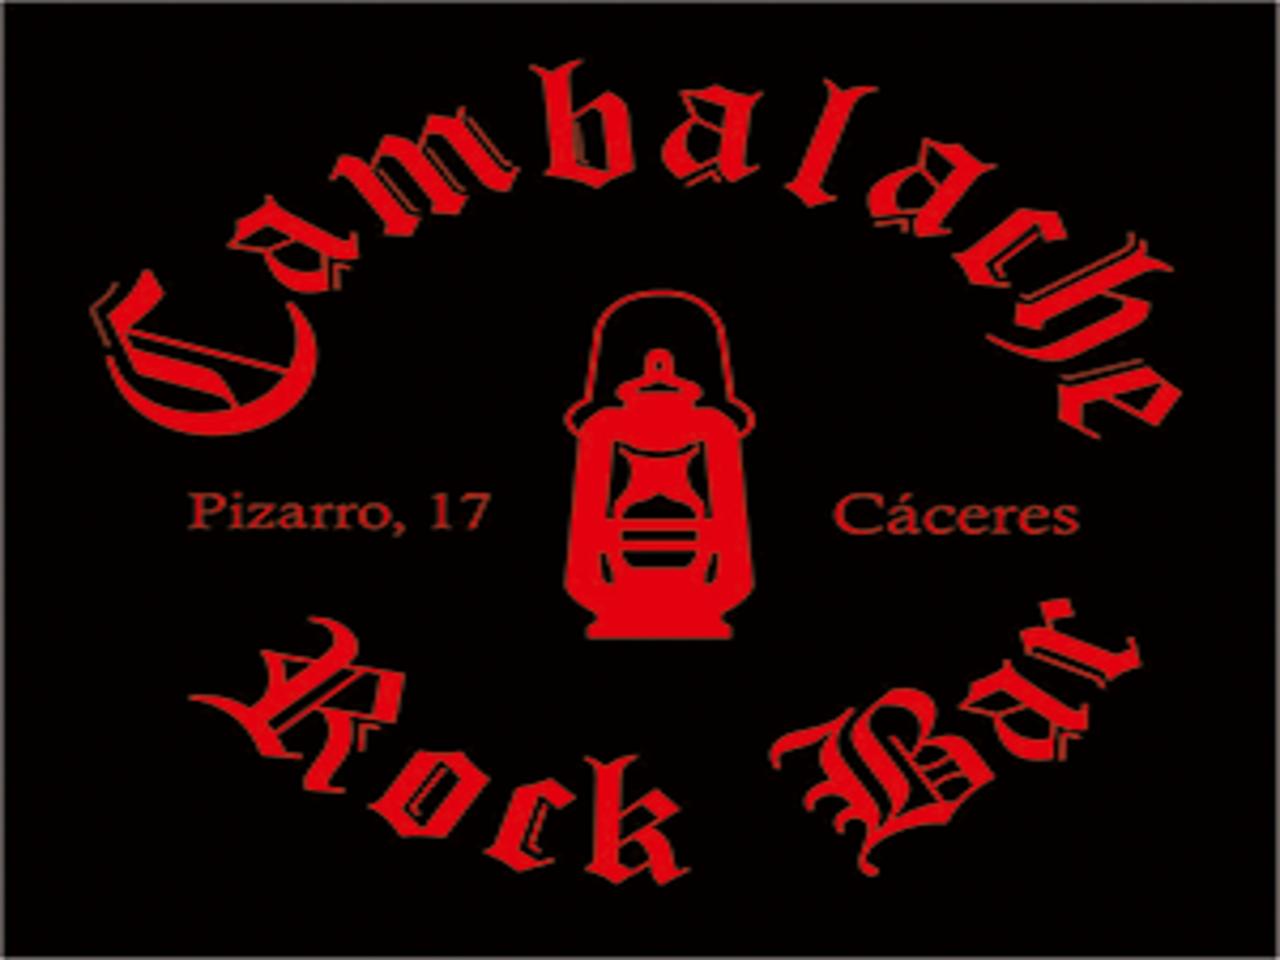 CAMBALACHE ROCK BAR, BAR MOTERO EN CÁCERES, ROCK BAR EN CÁCERES, BAR DE COPAS EN CÁCERES, BAR ROCK EN CÁCERES